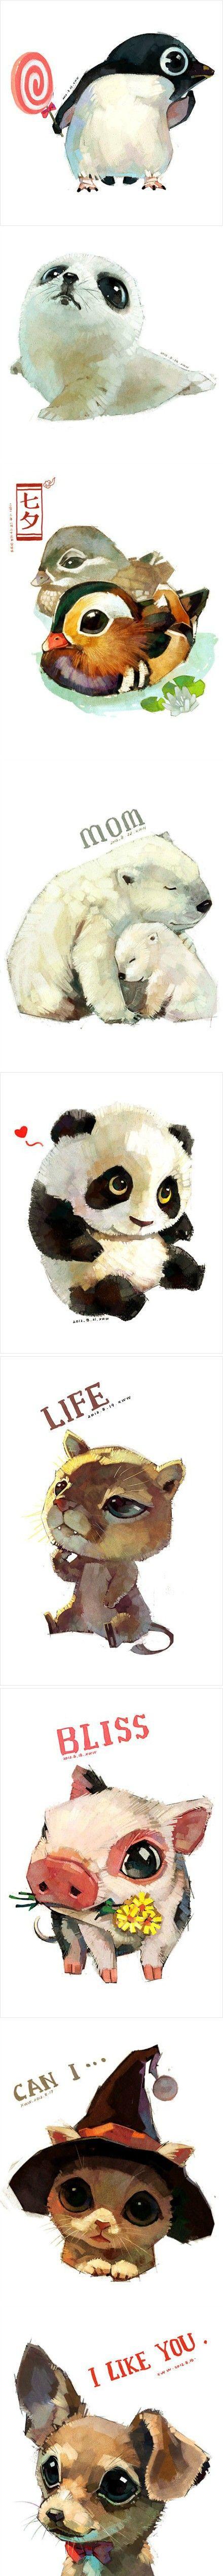 超萌的动物插画作品,每个都是大眼睛,真心萌爆了啊